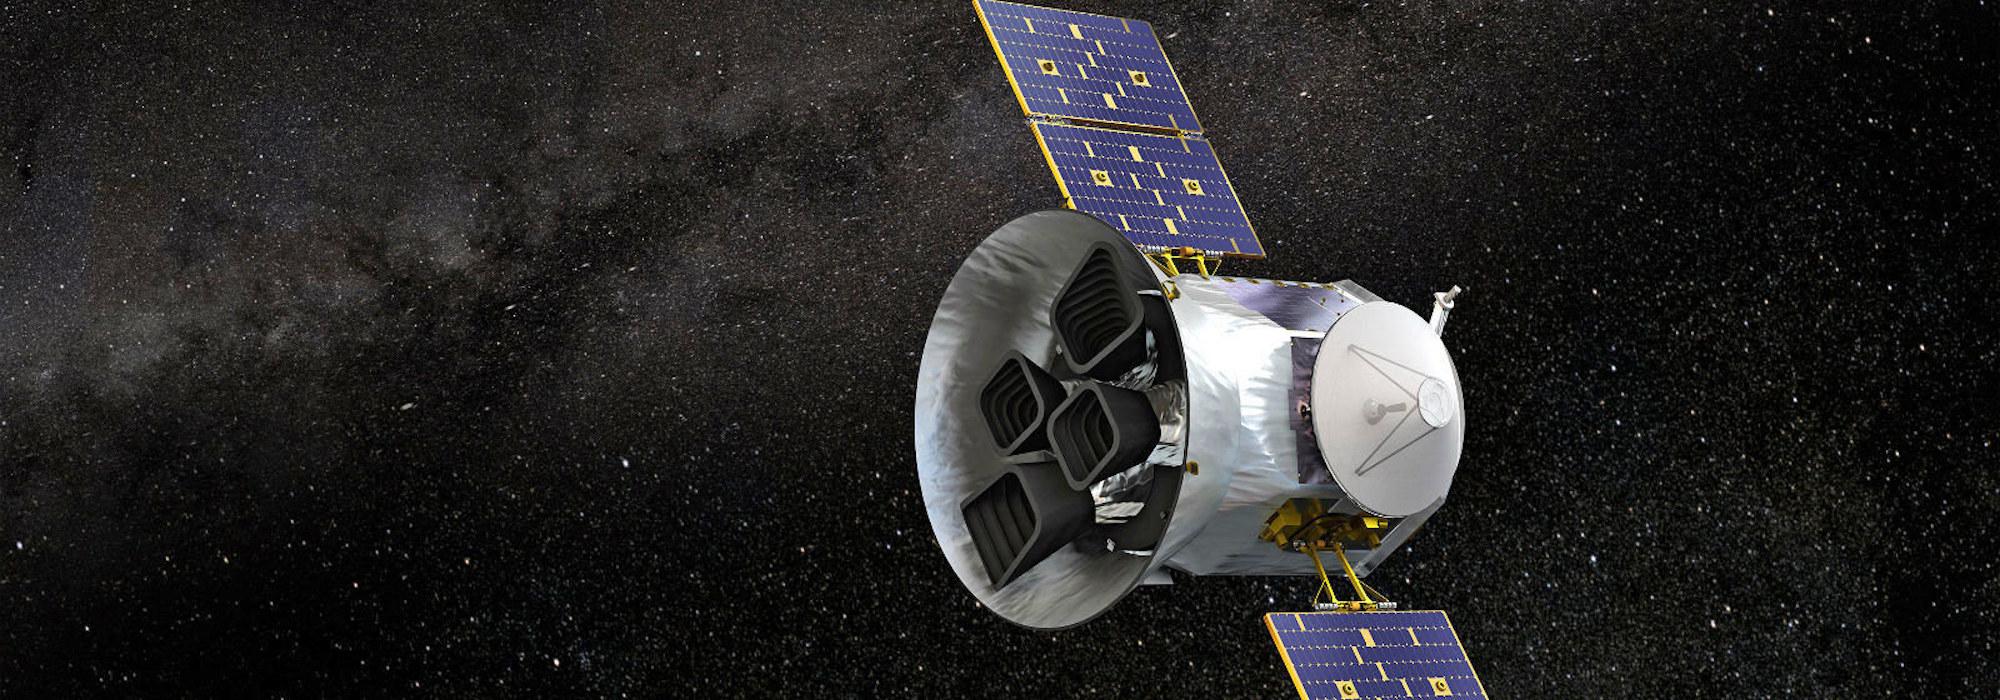 Yeni ötegezegen kaşifi TESS yola çıkıyor